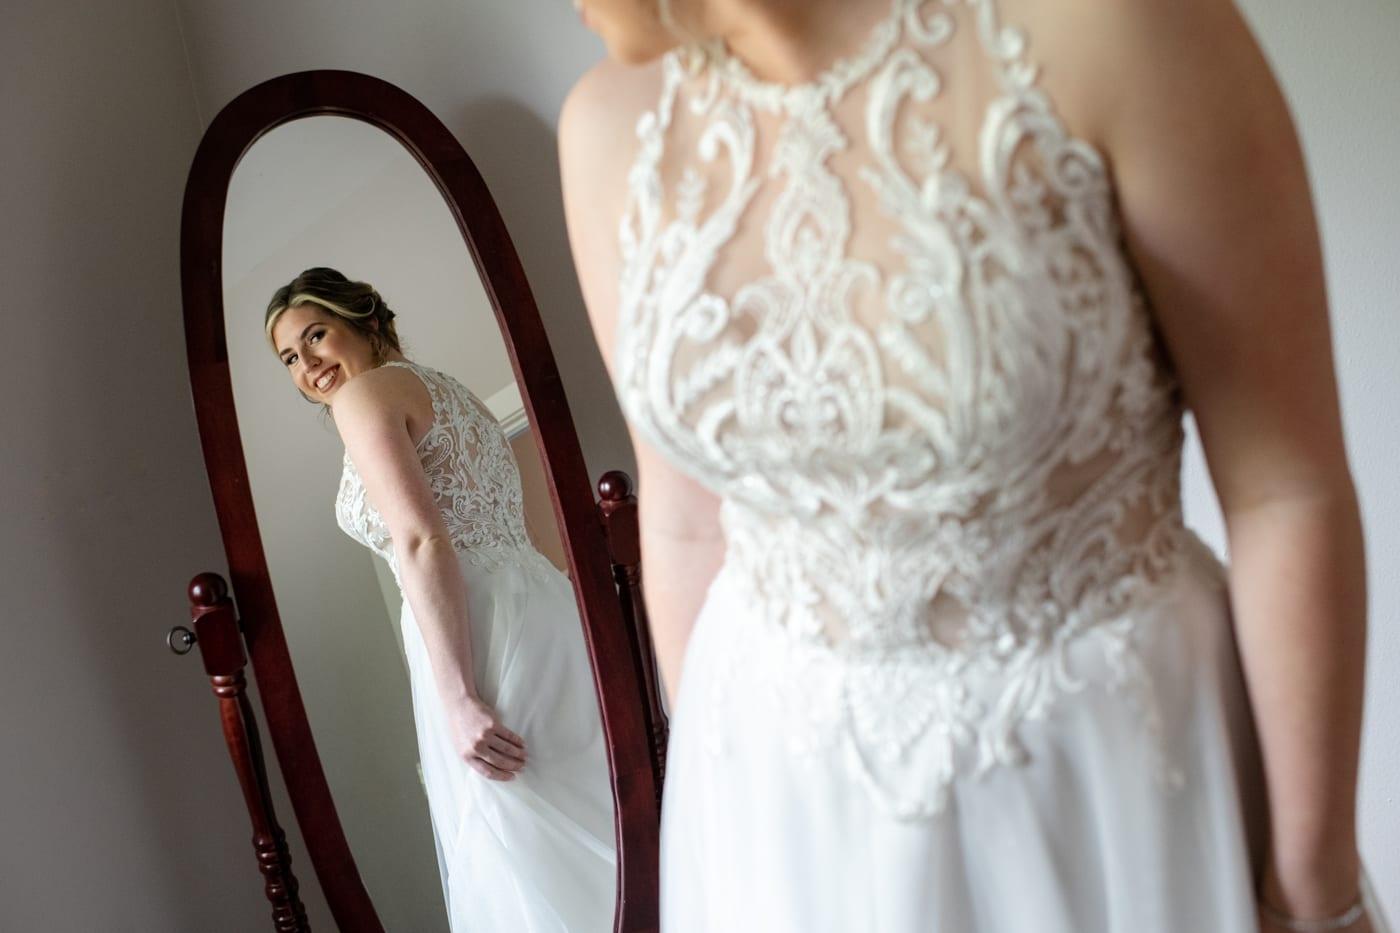 Bride-in-Mirror-Trinity-Tree-Farm-Wedding-Photos-Greener-Visuals